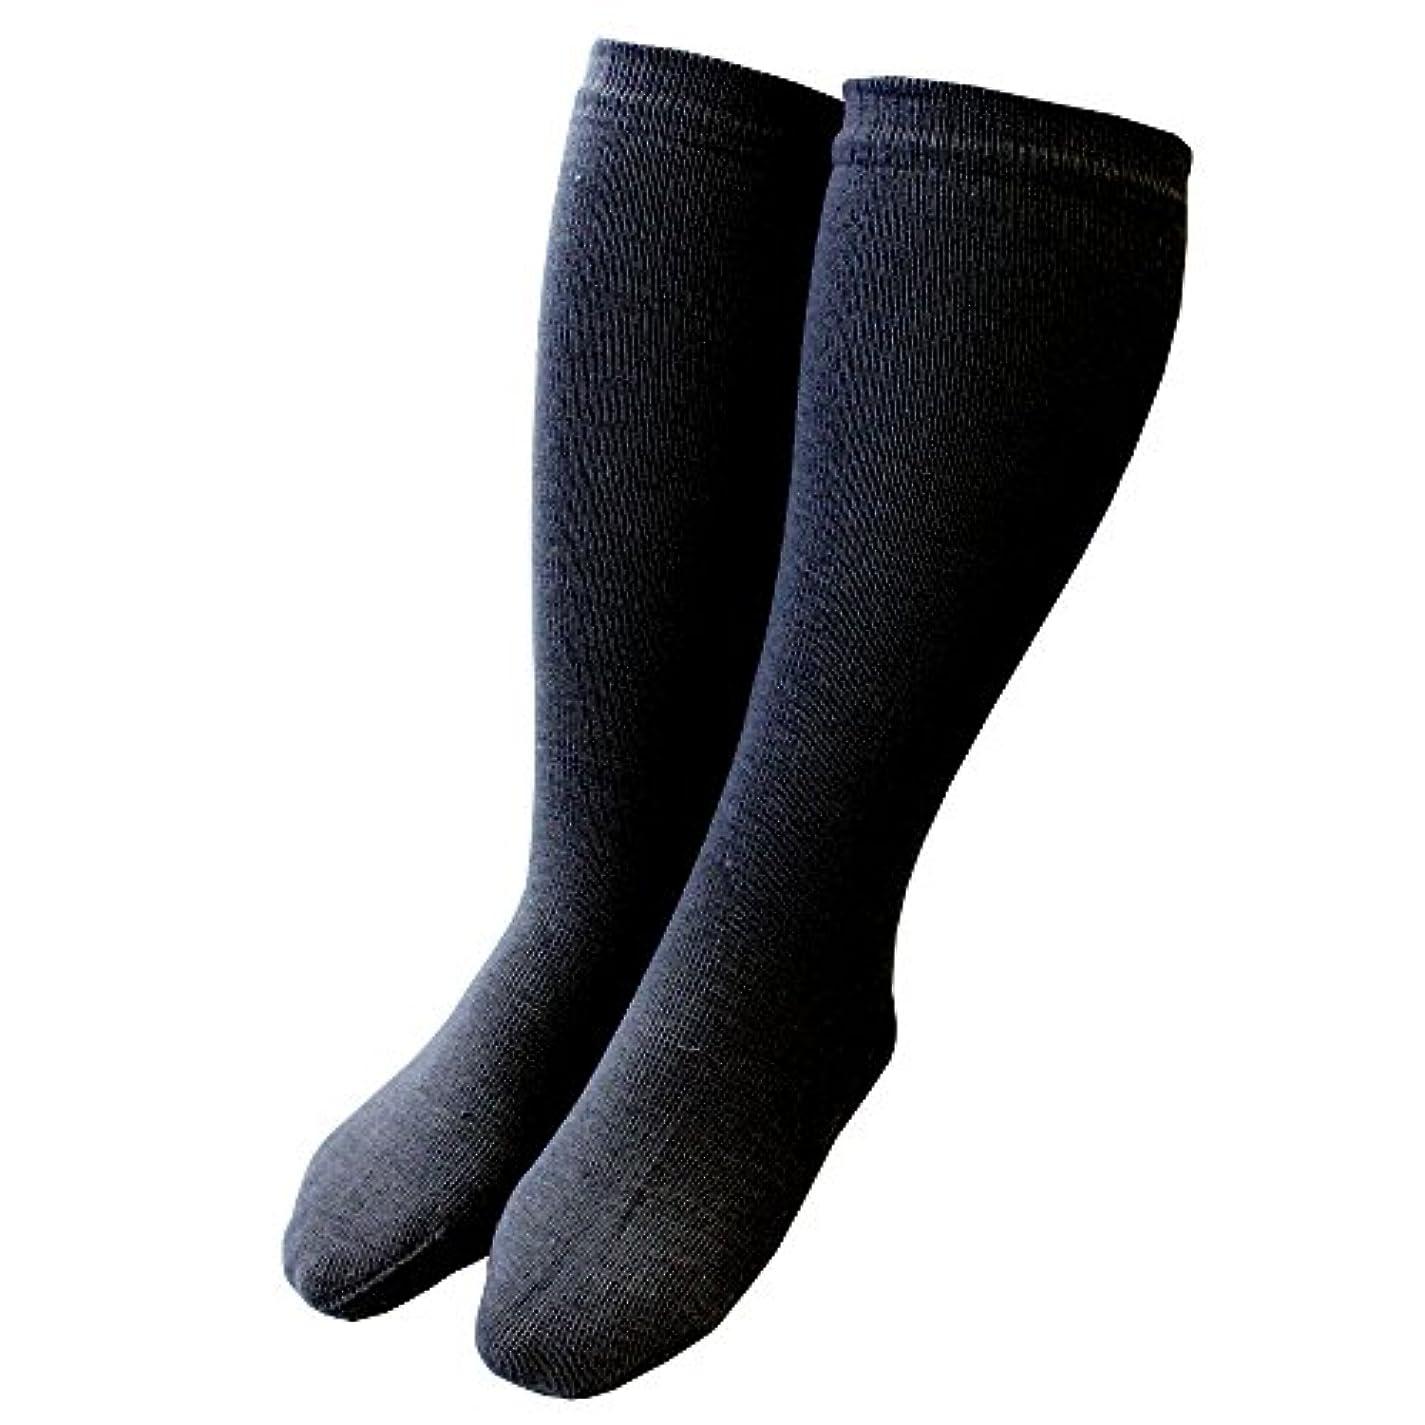 驚き化学者やさしいカカトクリニック ハイソックス 履くだけ保湿 かかと 靴下 角質ケア 日本製 (ブラック, ハイソックス)